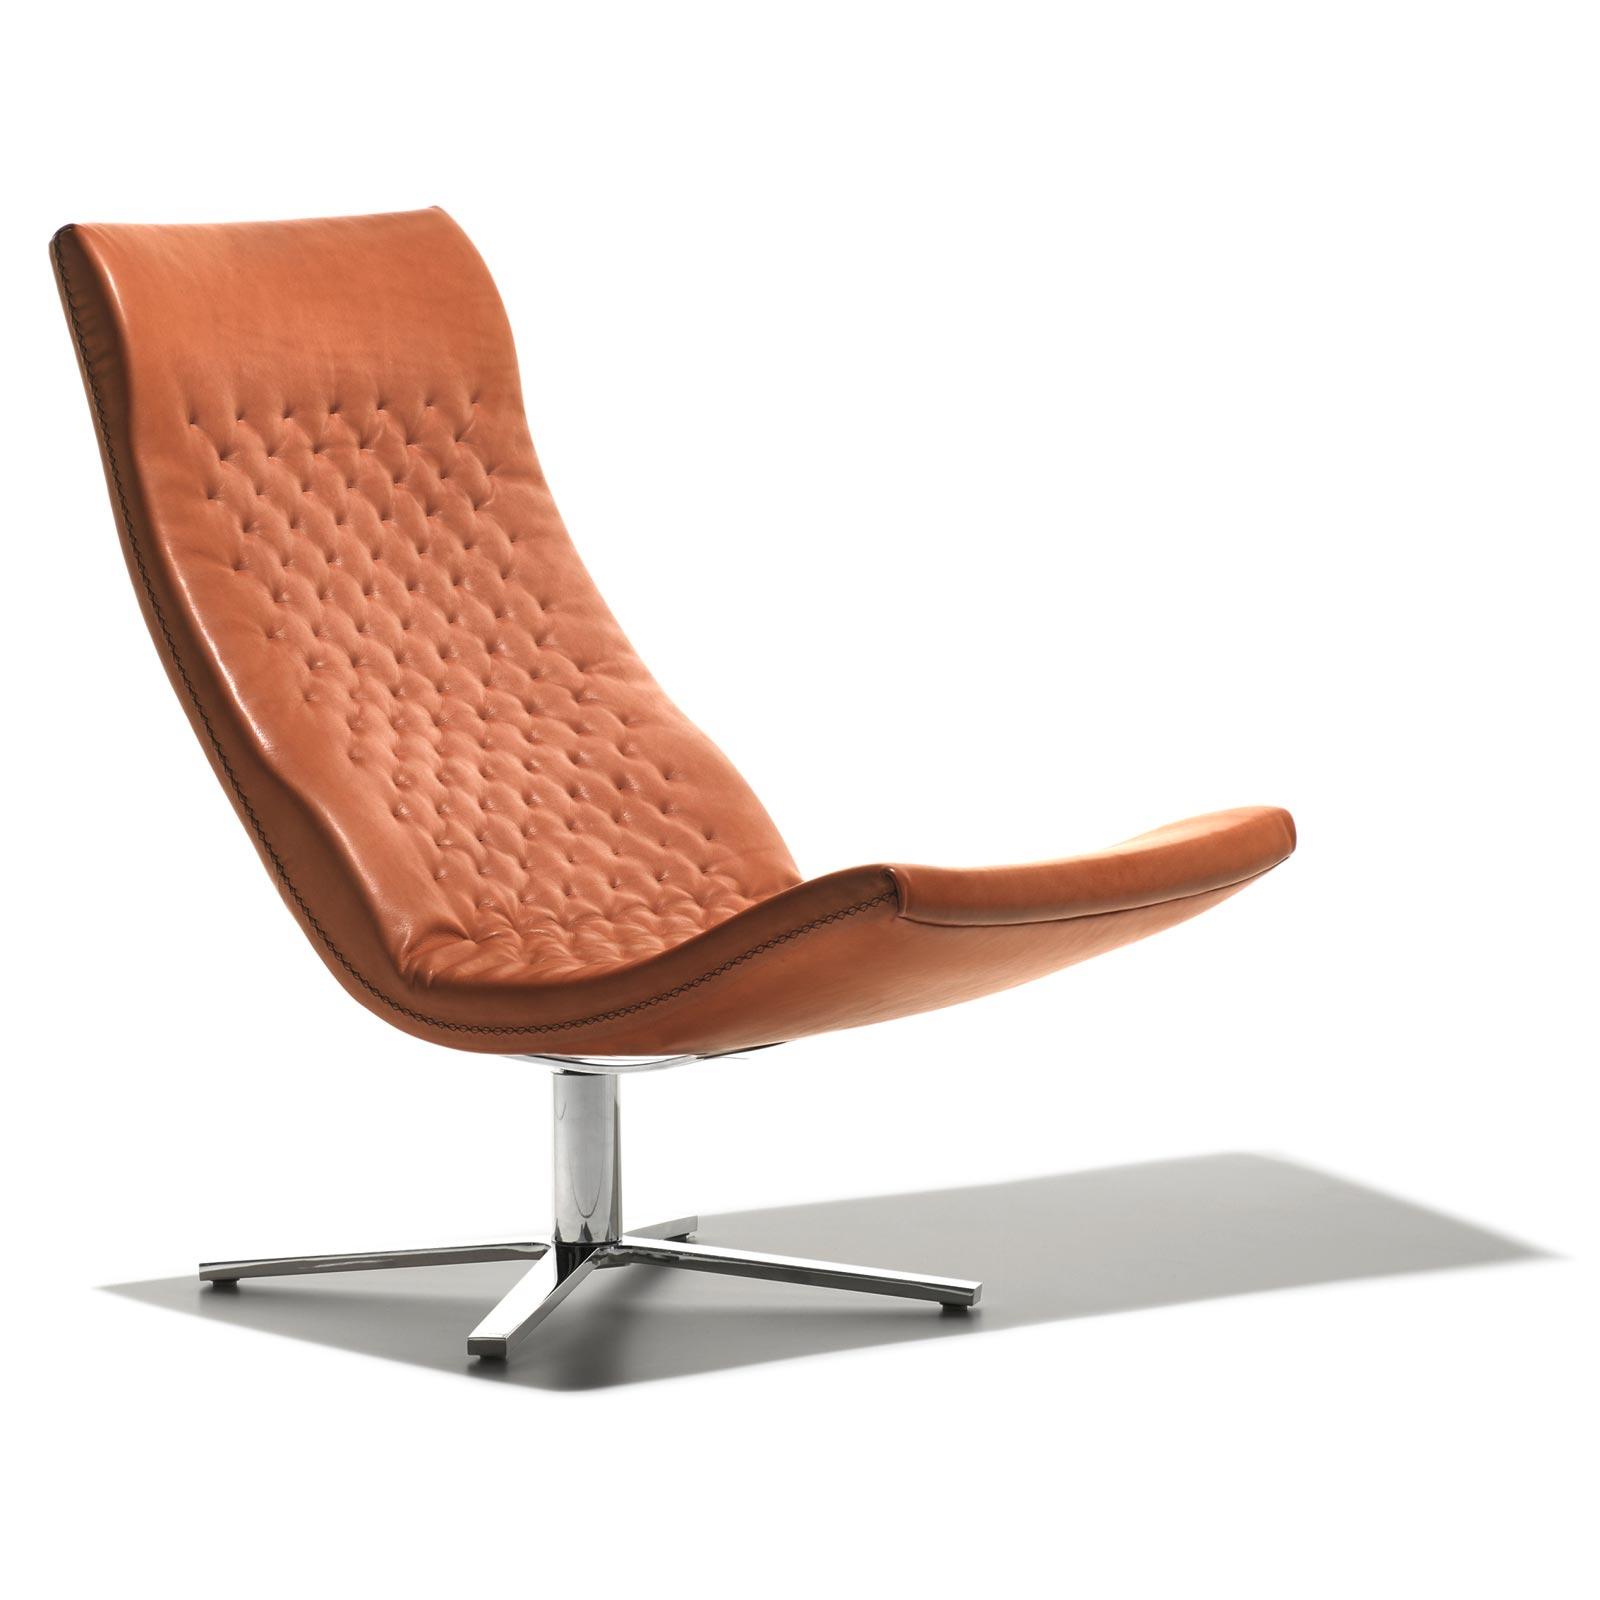 hansgrohe wasserhahn zerlegen inspiration designfamilie. Black Bedroom Furniture Sets. Home Design Ideas